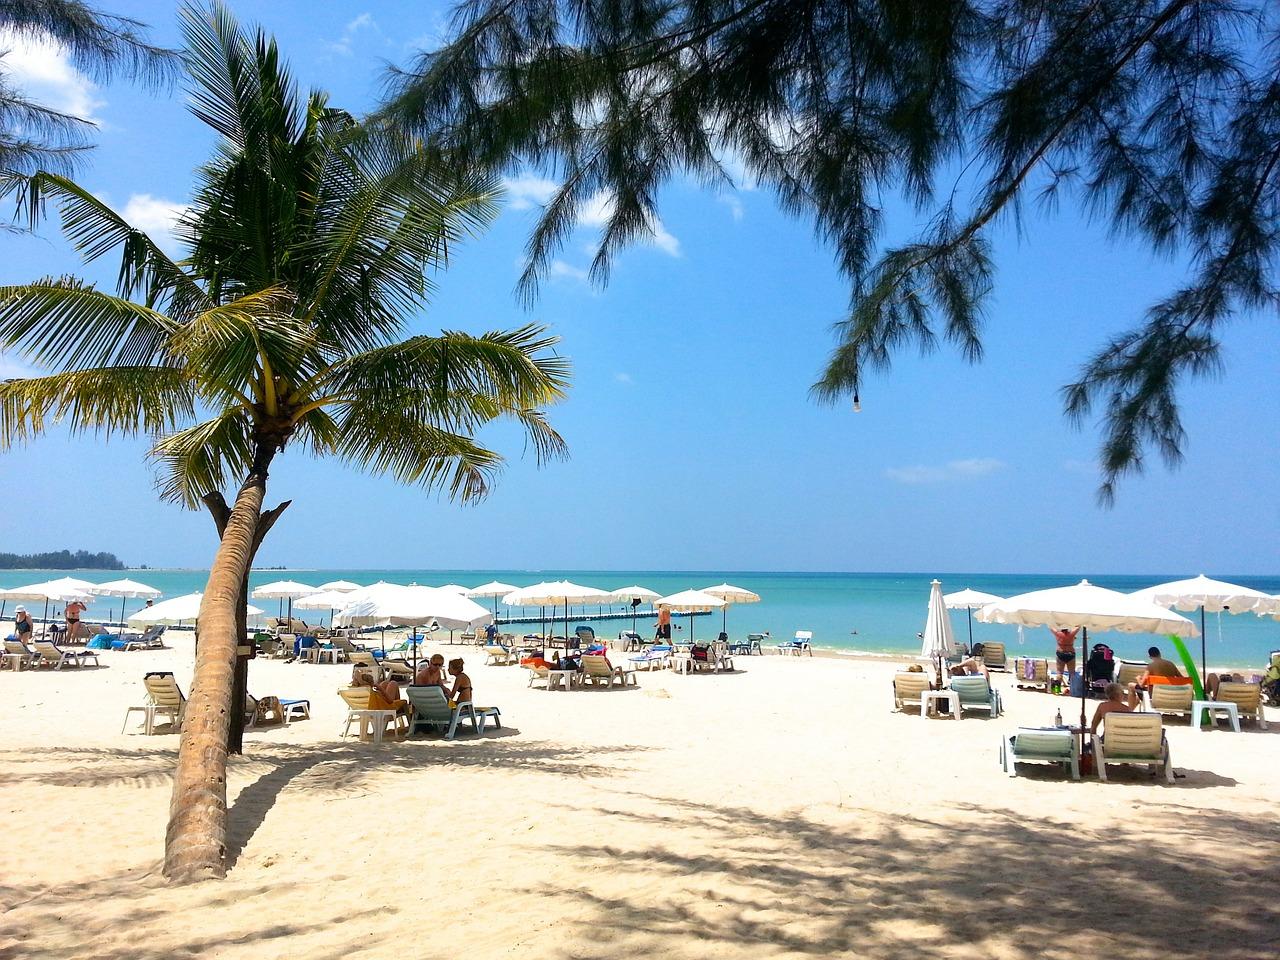 beach-261574_1280